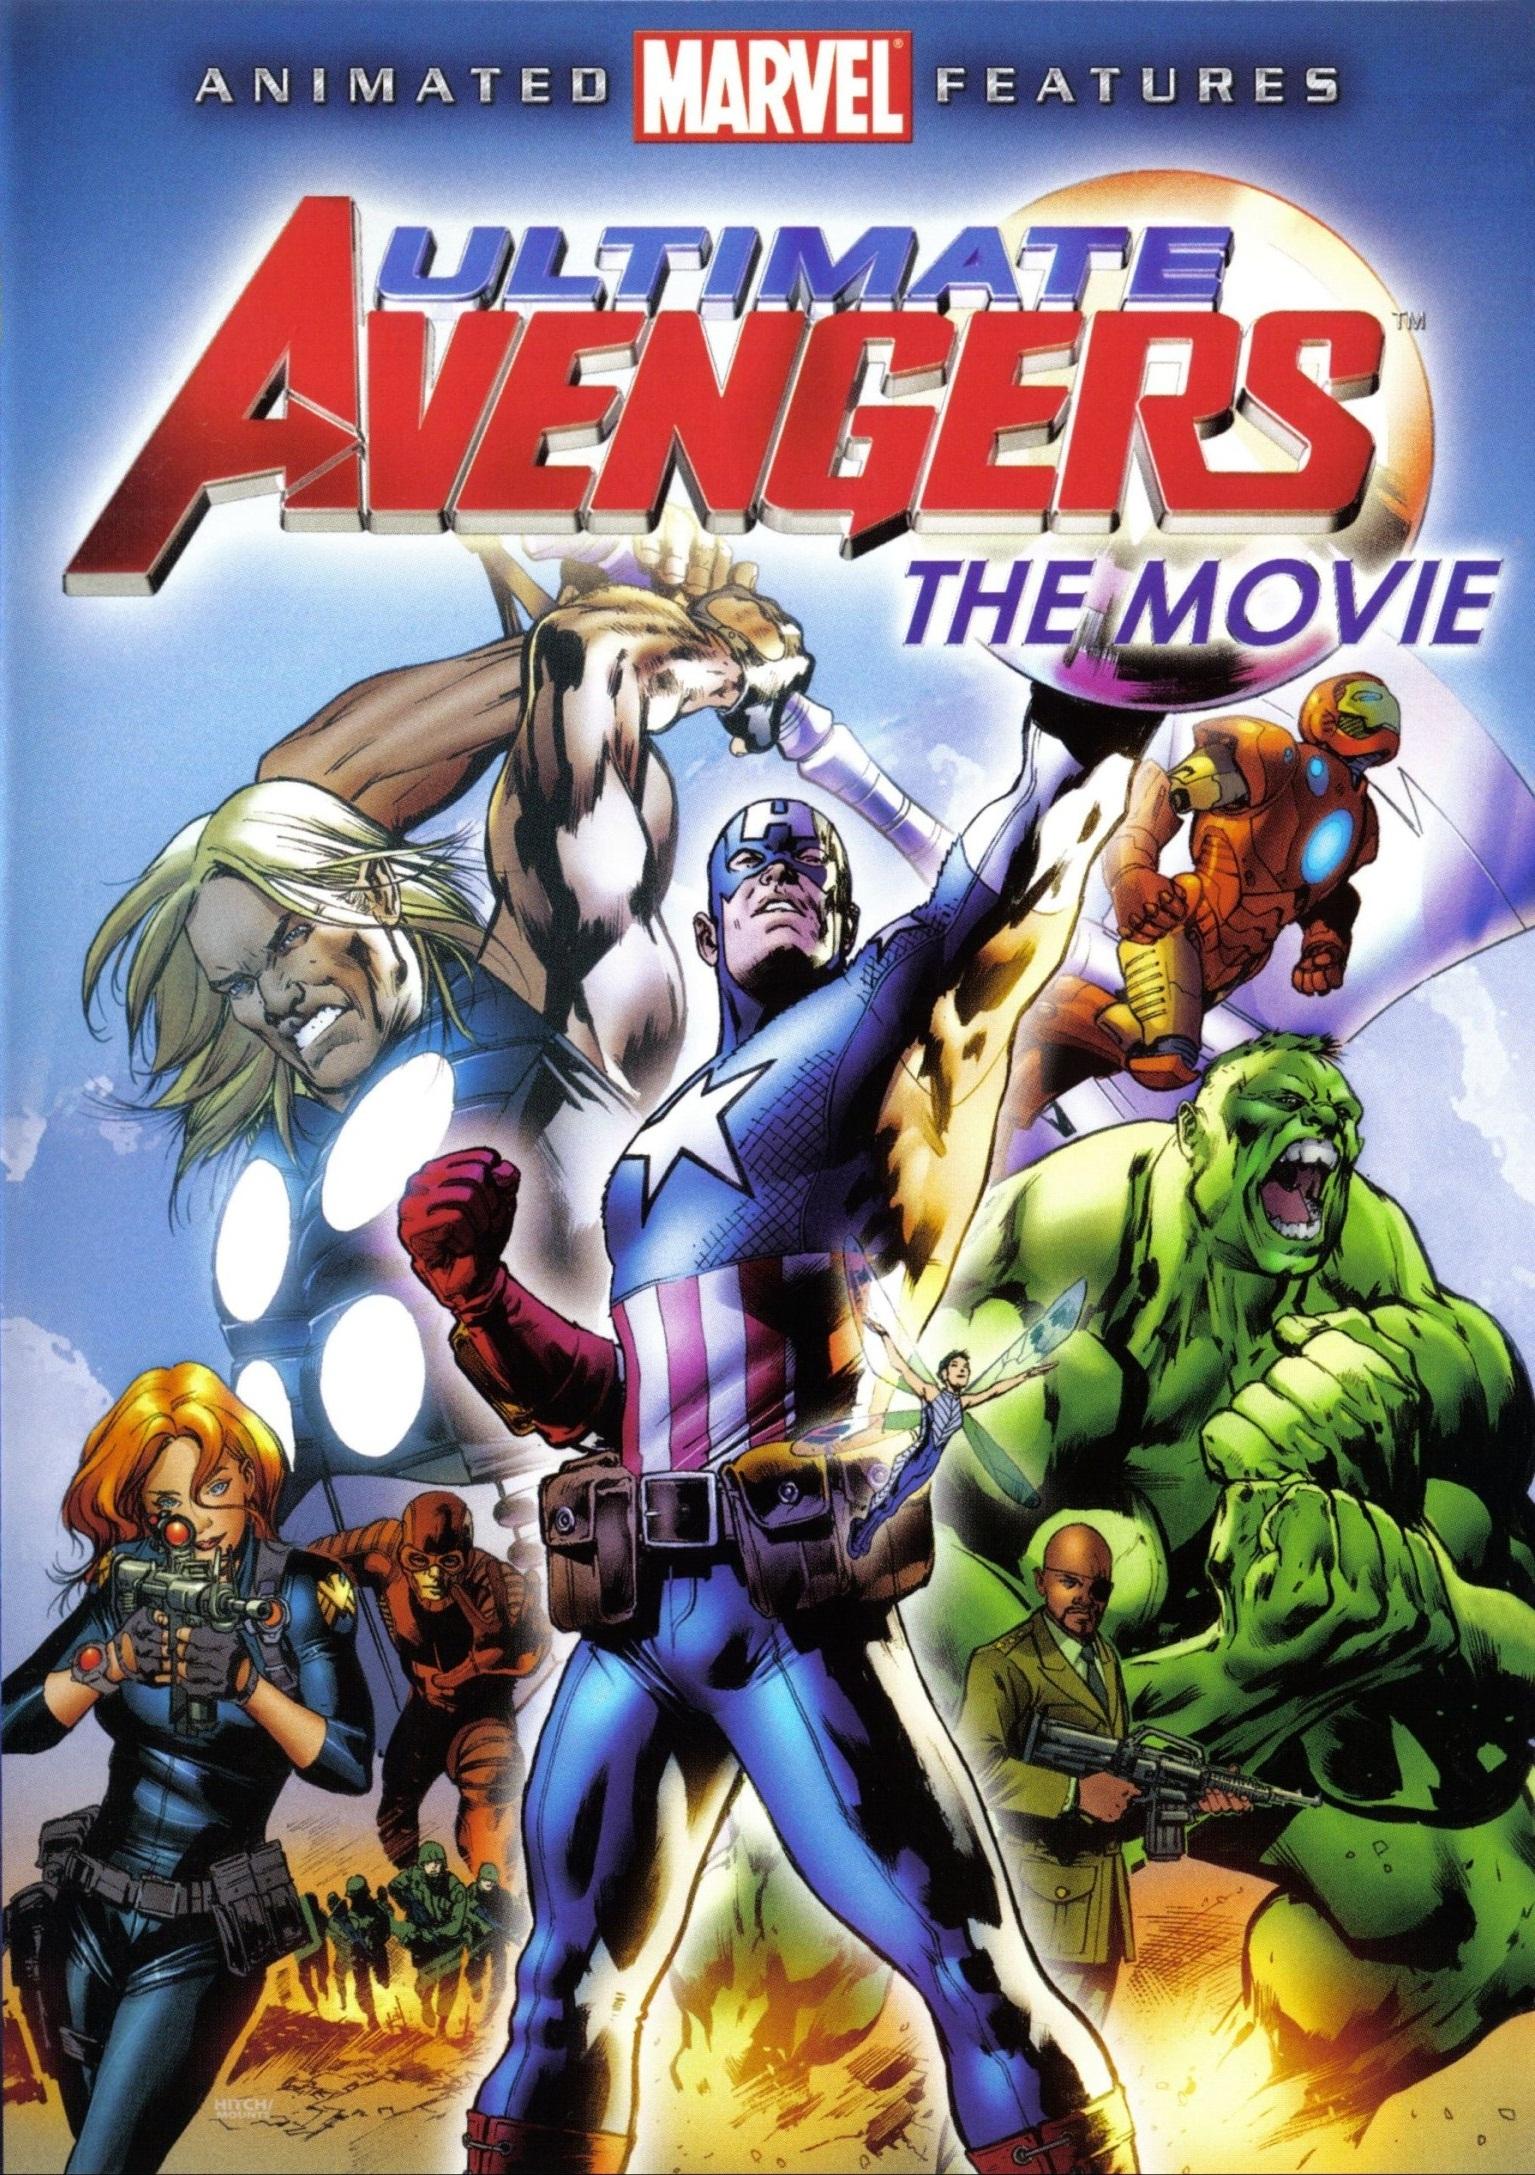 http://vignette2.wikia.nocookie.net/doblaje/images/c/c3/Avengers1.jpg/revision/latest?cb=20100419044532&path-prefix=es